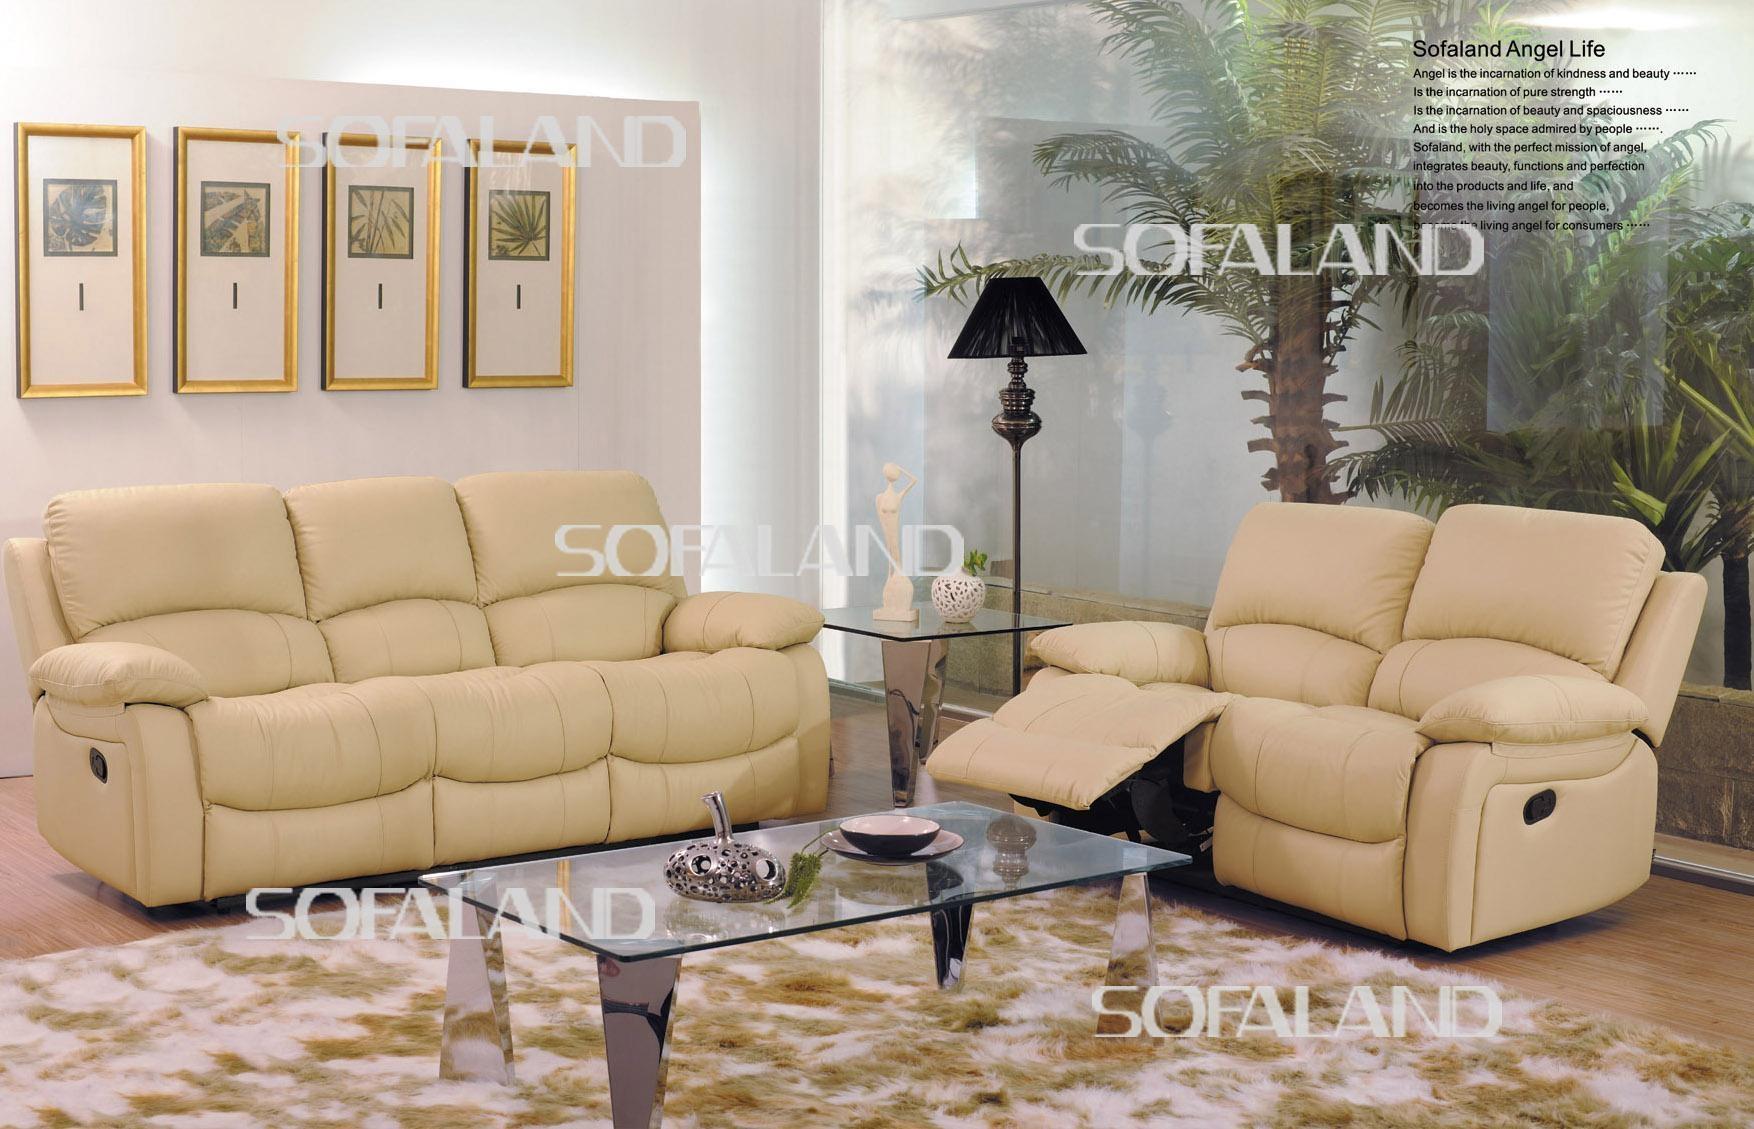 20 Inspirations Cream Colored Sofas   Sofa Ideas Pertaining To Cream Colored Sofas (View 4 of 15)